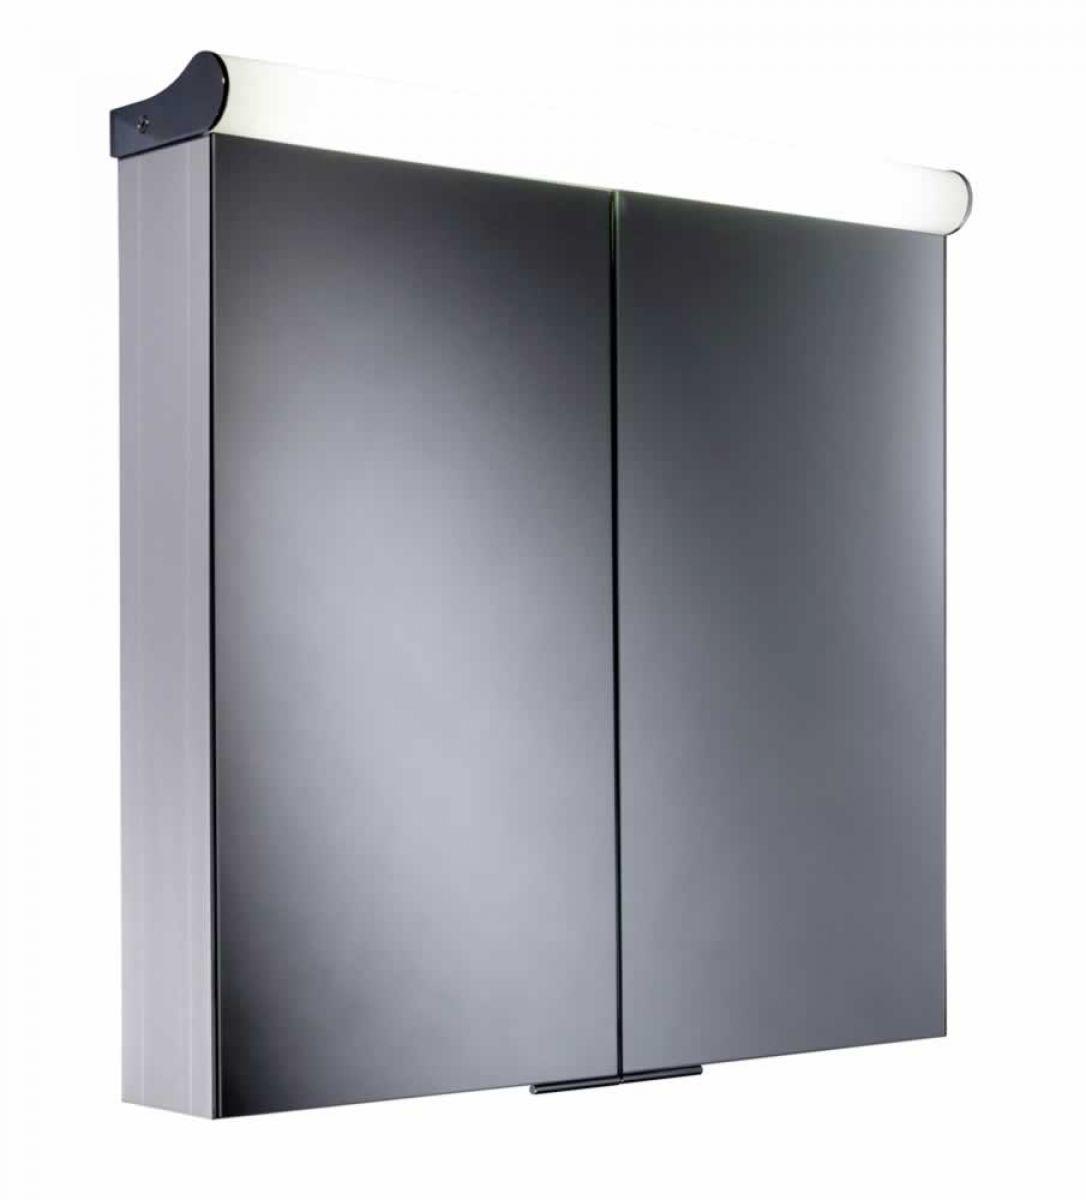 Aluminium Bathroom Cabinets Roper Rhodes Ascension Latitude Double Door Illuminated Cabinet